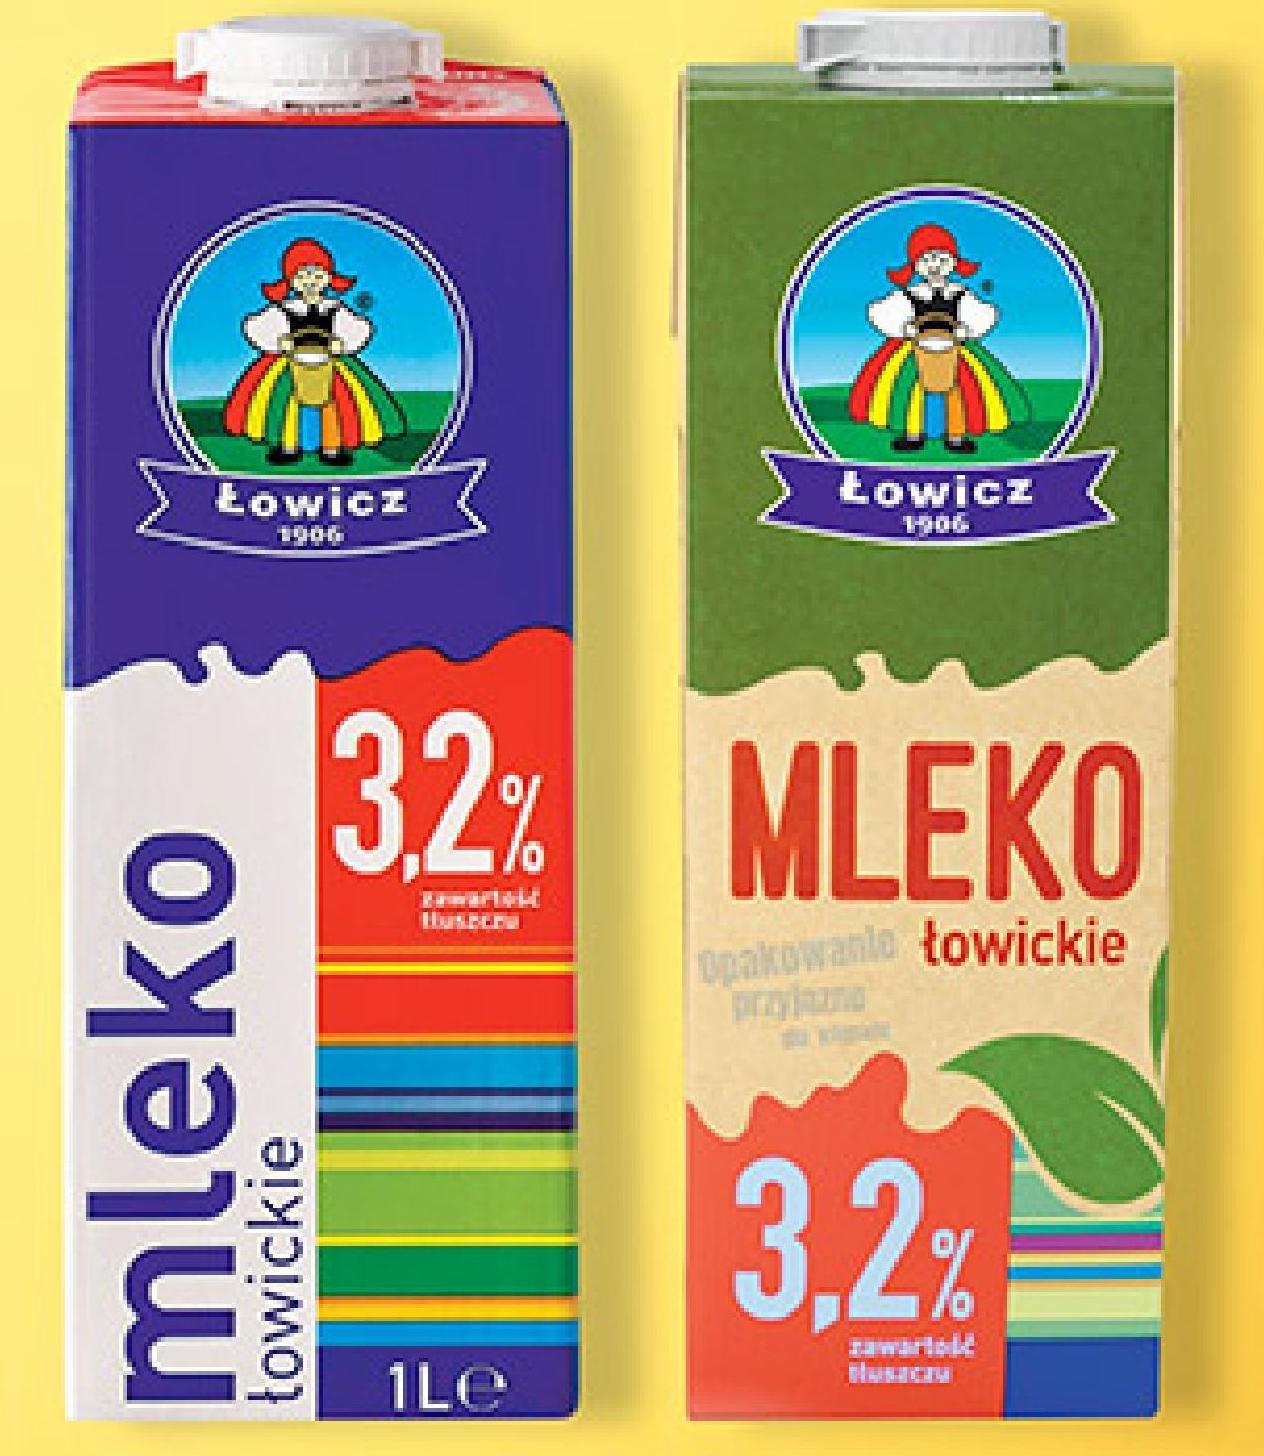 Mleko Łowicz niska cena